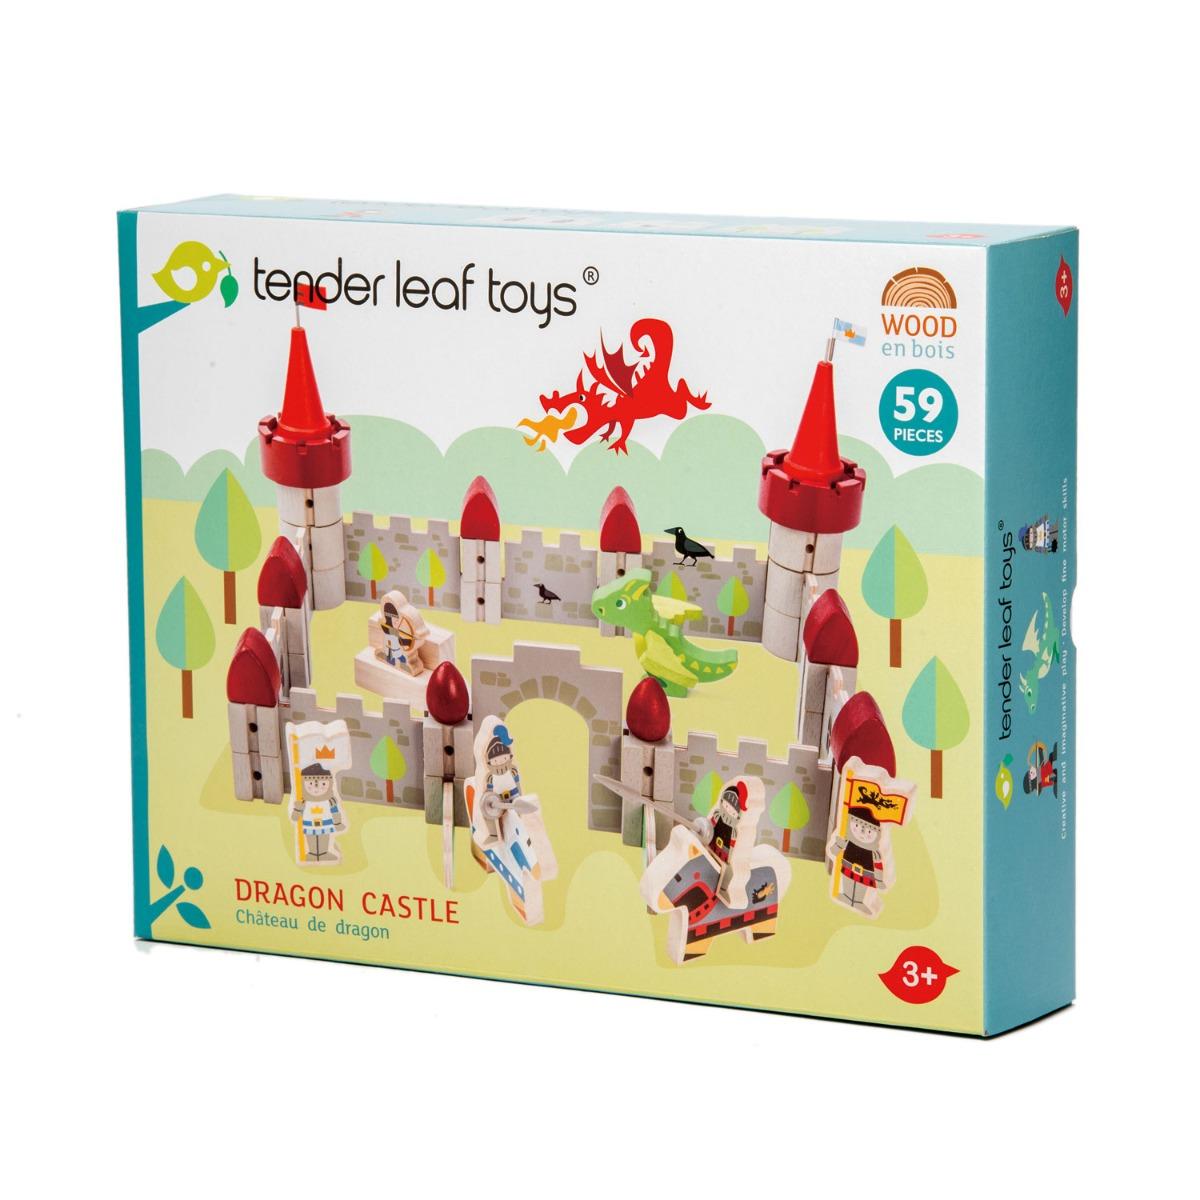 Set de joaca din lemn Castelul Dragonului, Tender Leaf Toys, 59 piese